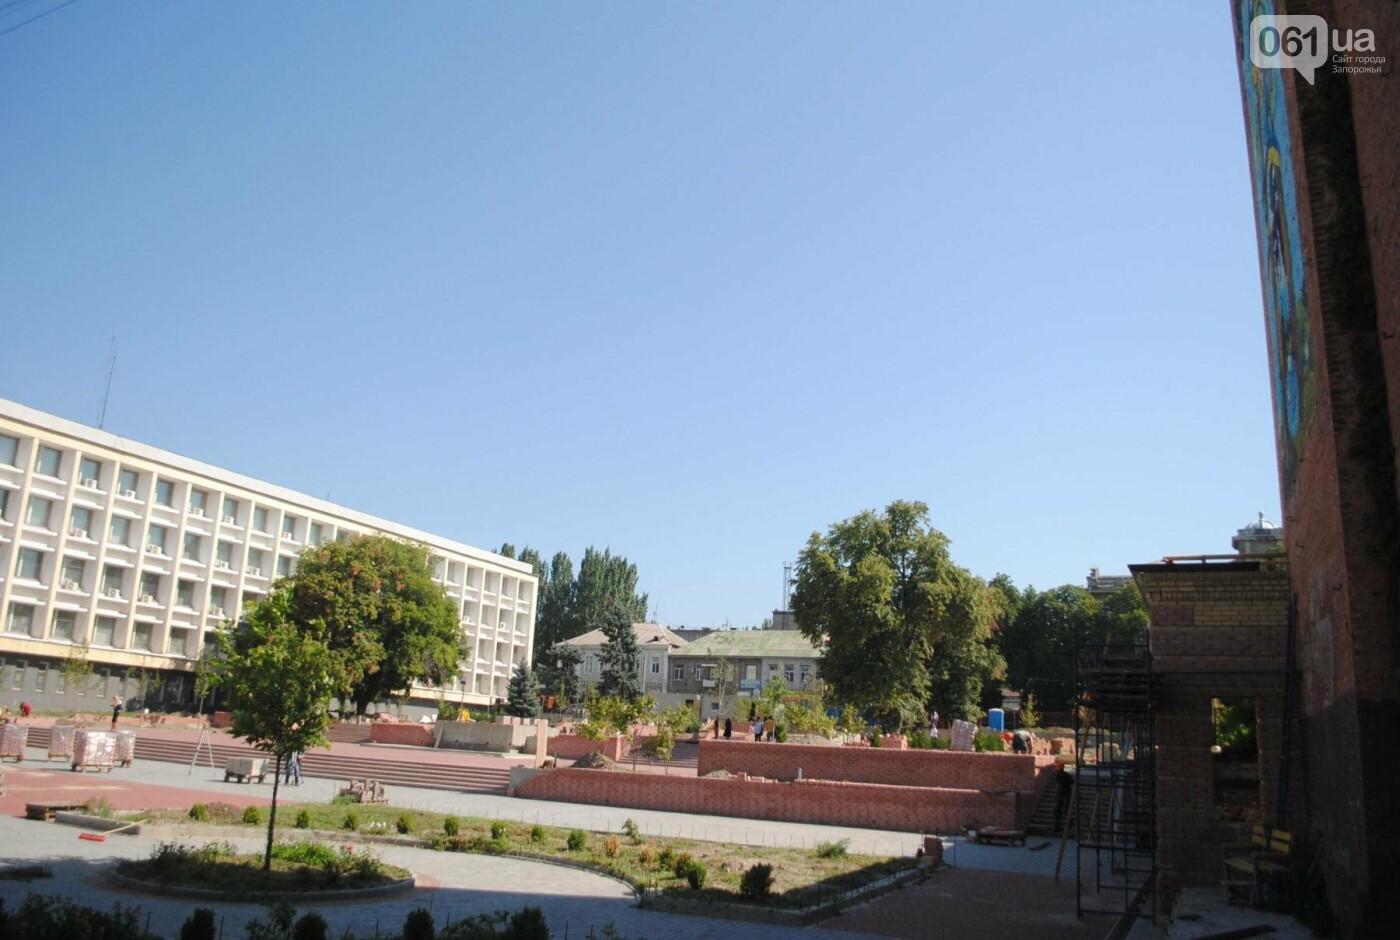 Сквер напротив театра Магара обещают открыть до Дня города, ранее обещали ко Дню Независимости — ФОТОРЕПОРТАЖ, фото-3